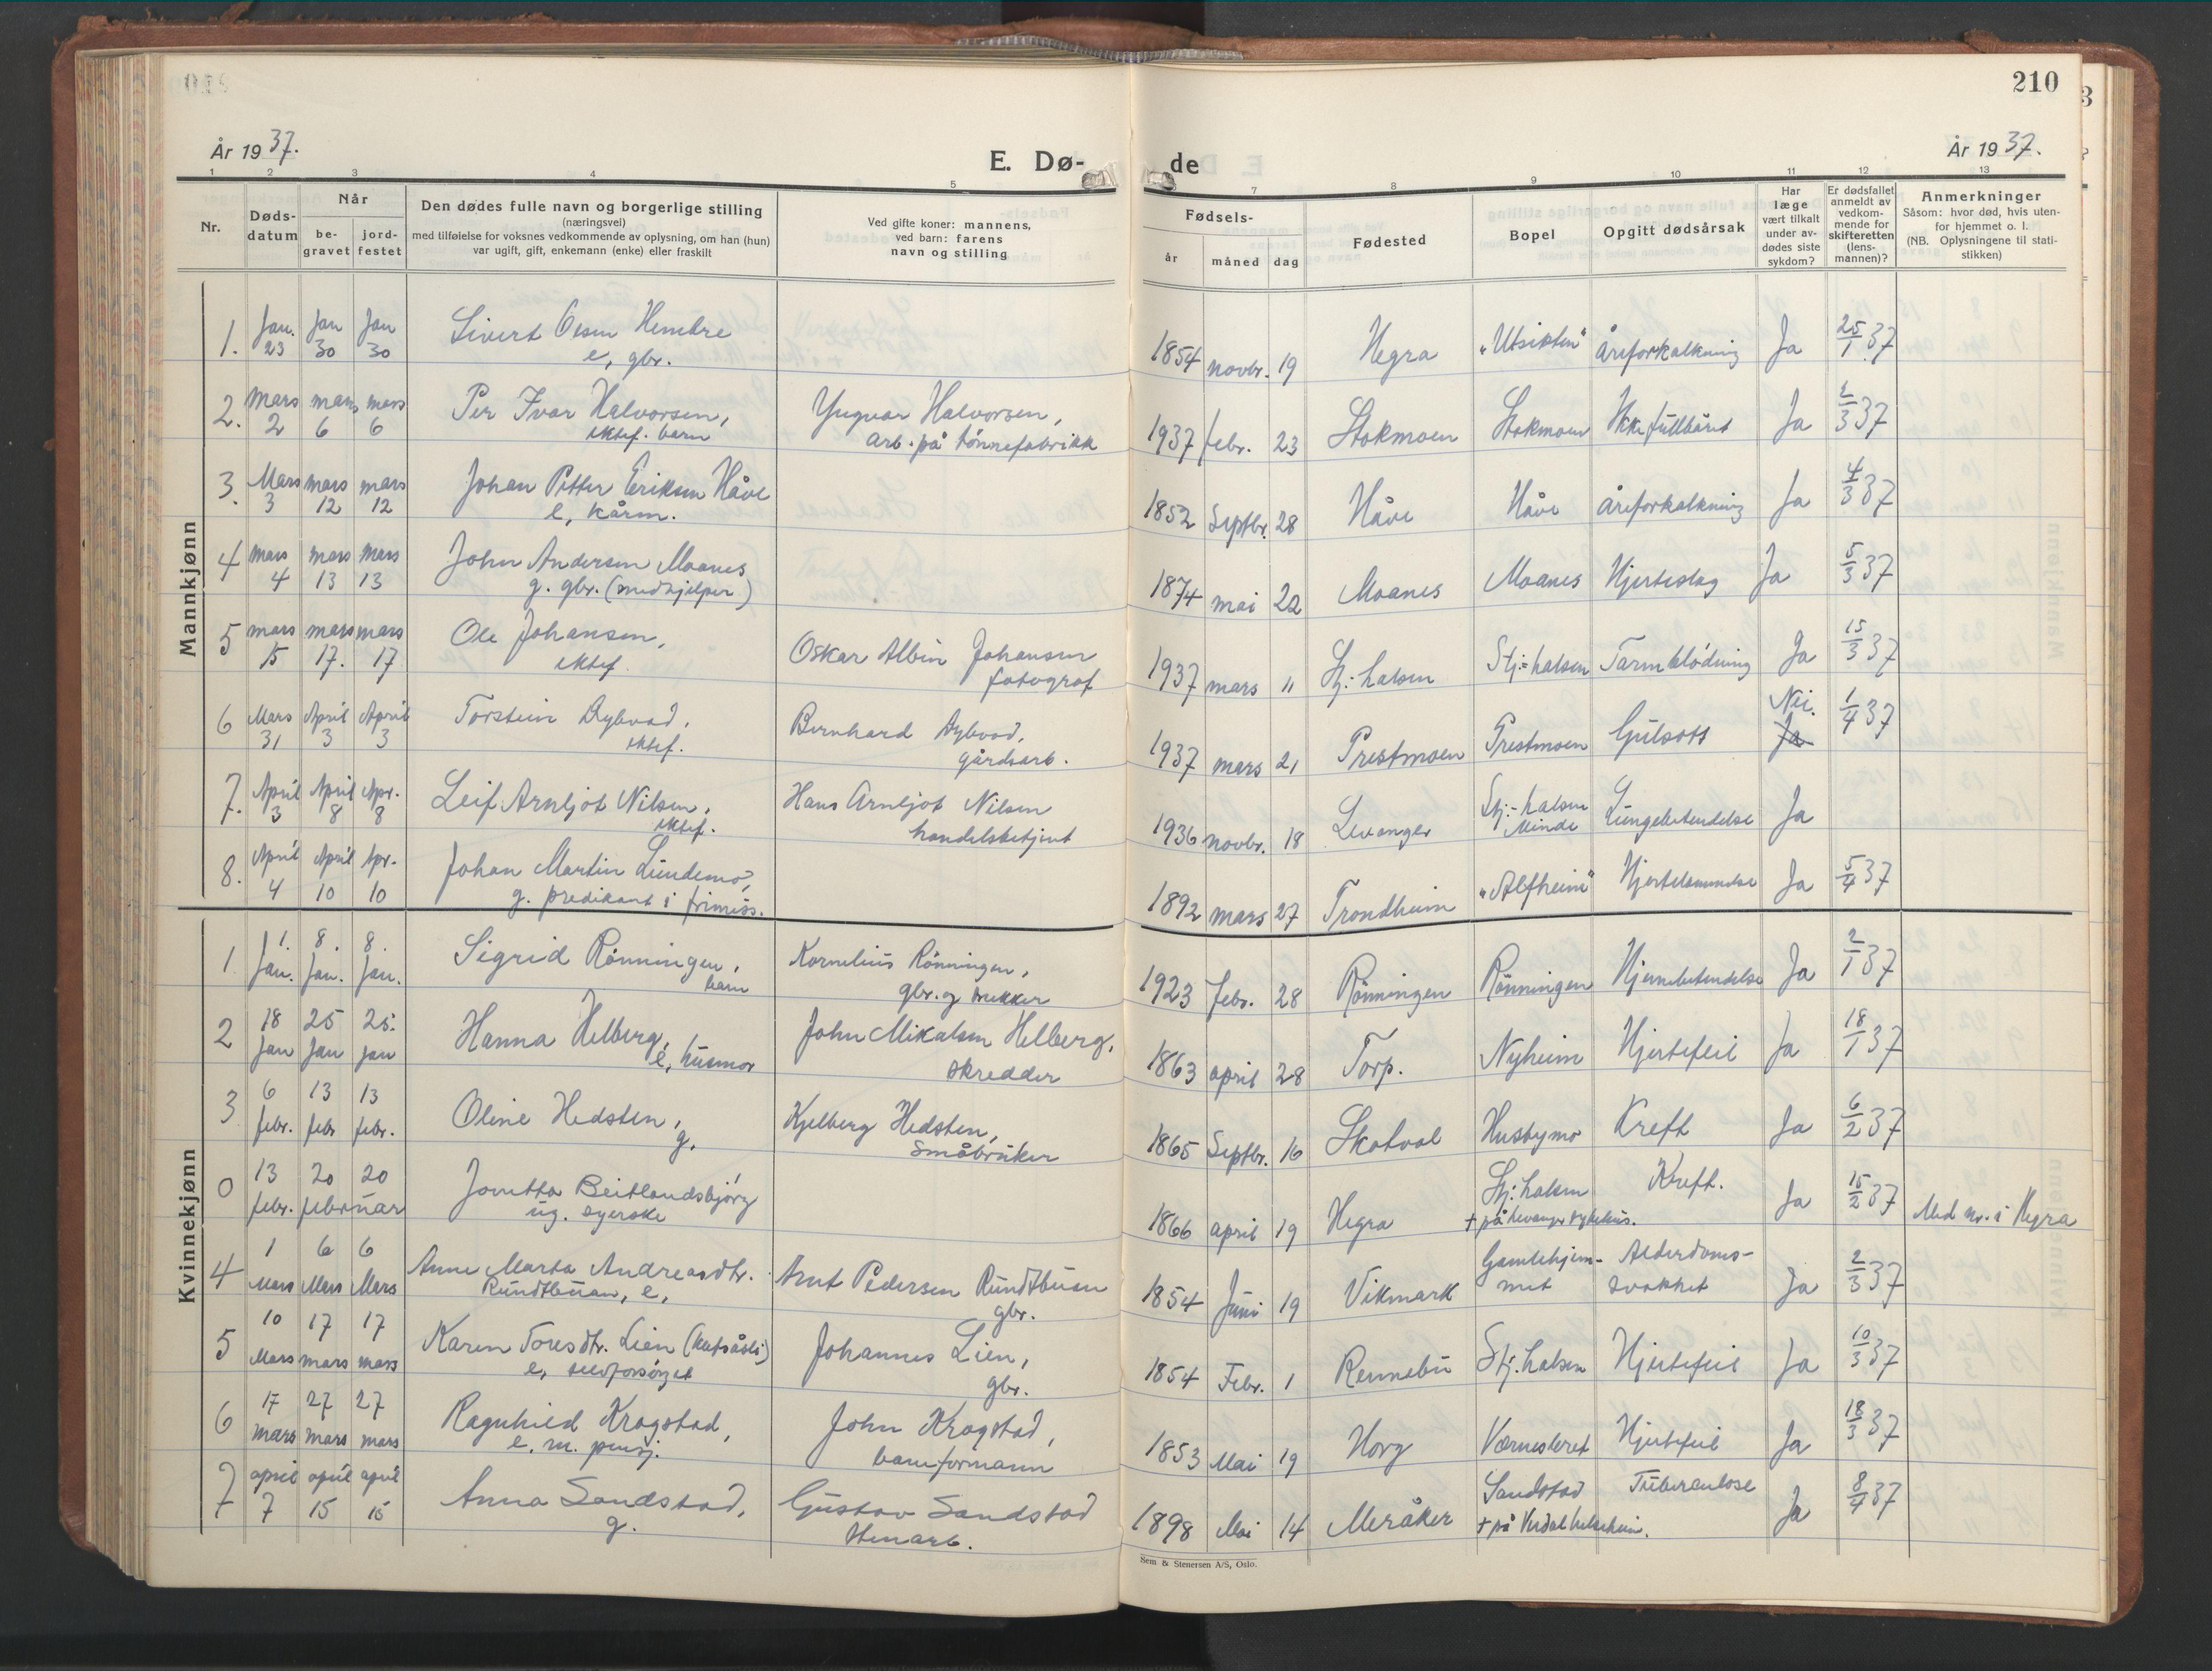 SAT, Ministerialprotokoller, klokkerbøker og fødselsregistre - Nord-Trøndelag, 709/L0089: Klokkerbok nr. 709C03, 1935-1948, s. 210